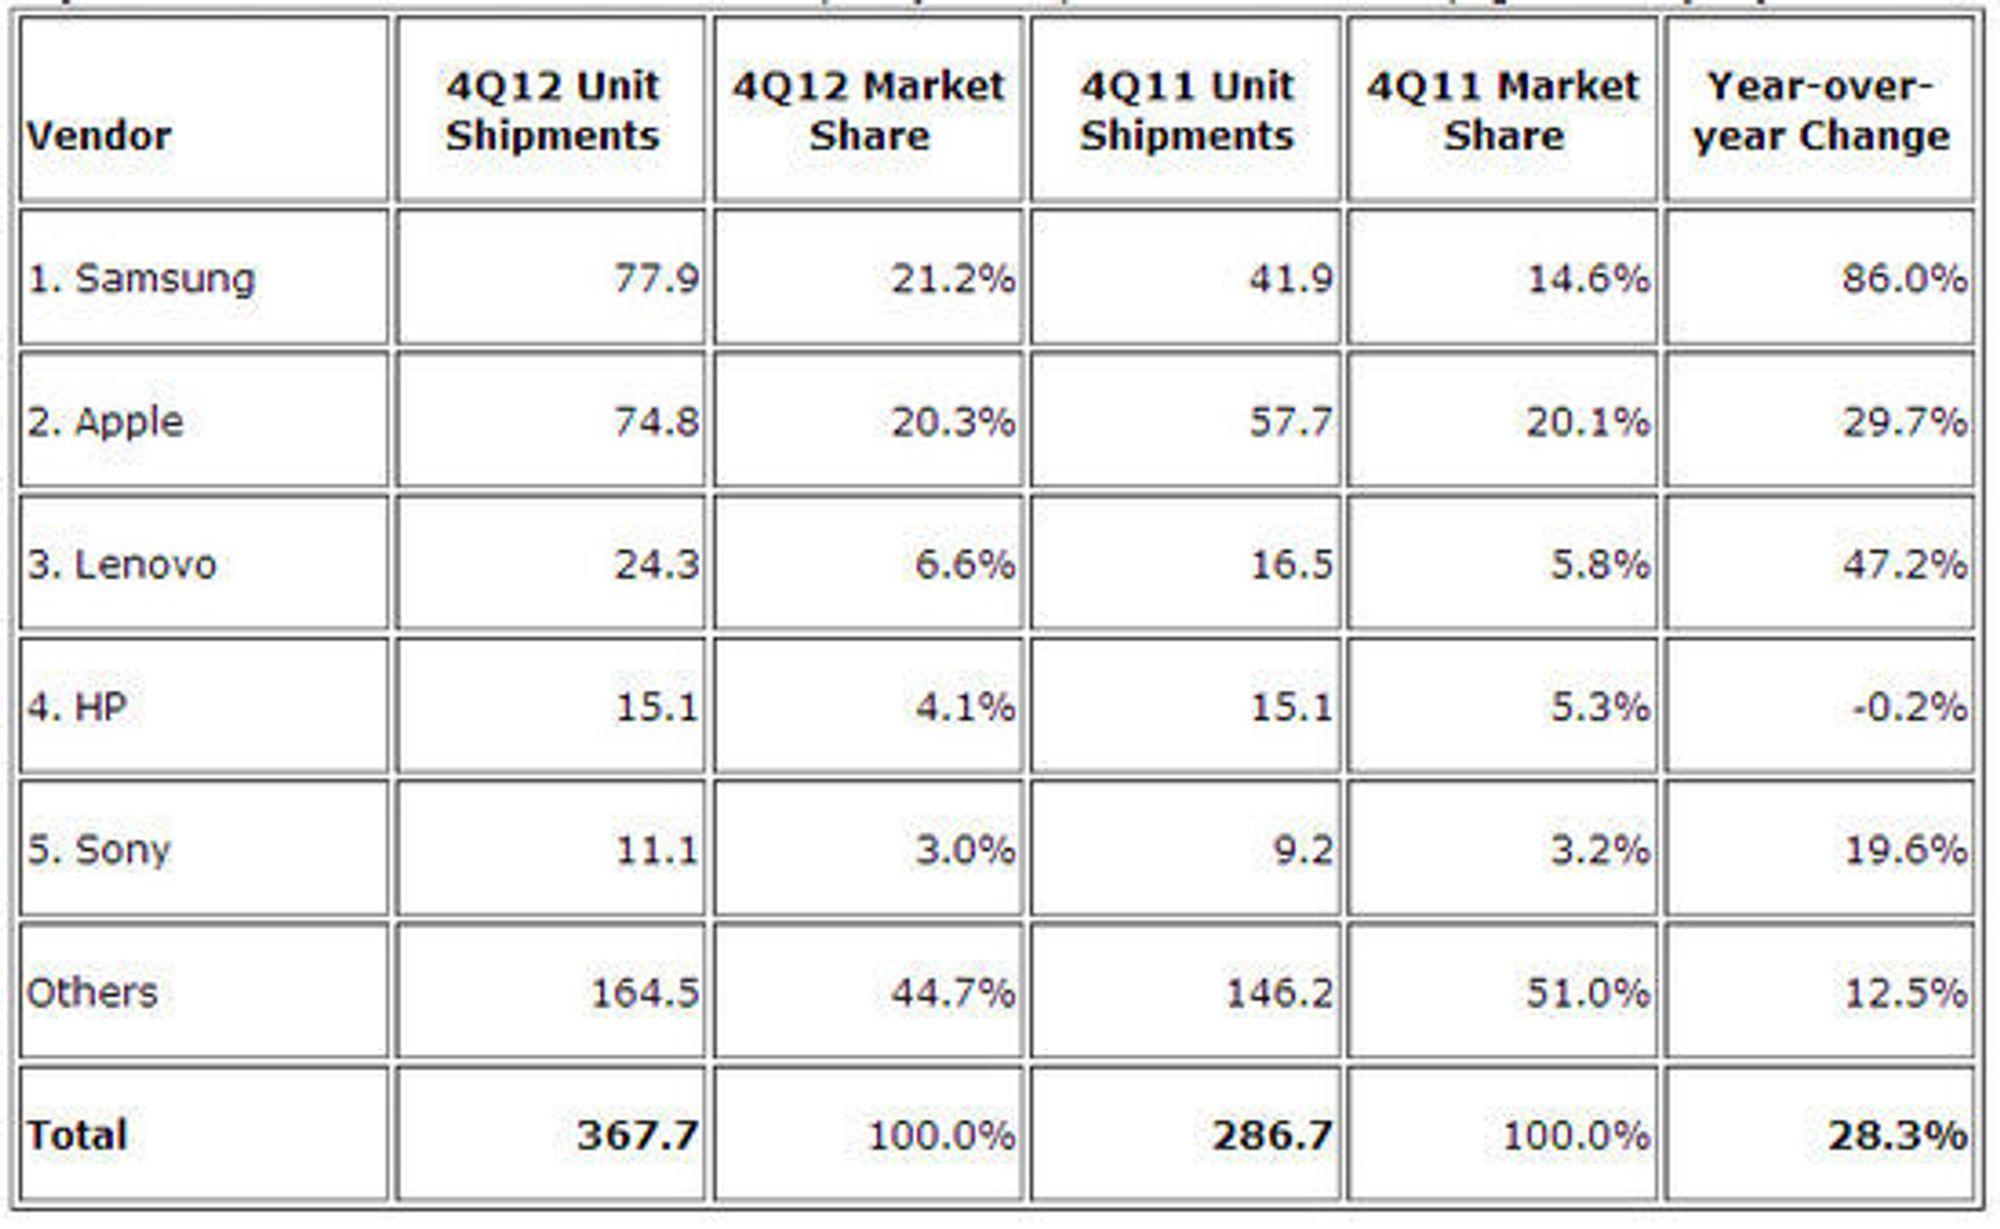 De fem største leverandørene av produkter i samlekategorien «smart connected devices» i fjerde kvartal av 2012. Tallene er oppgitt i millioner enheter.